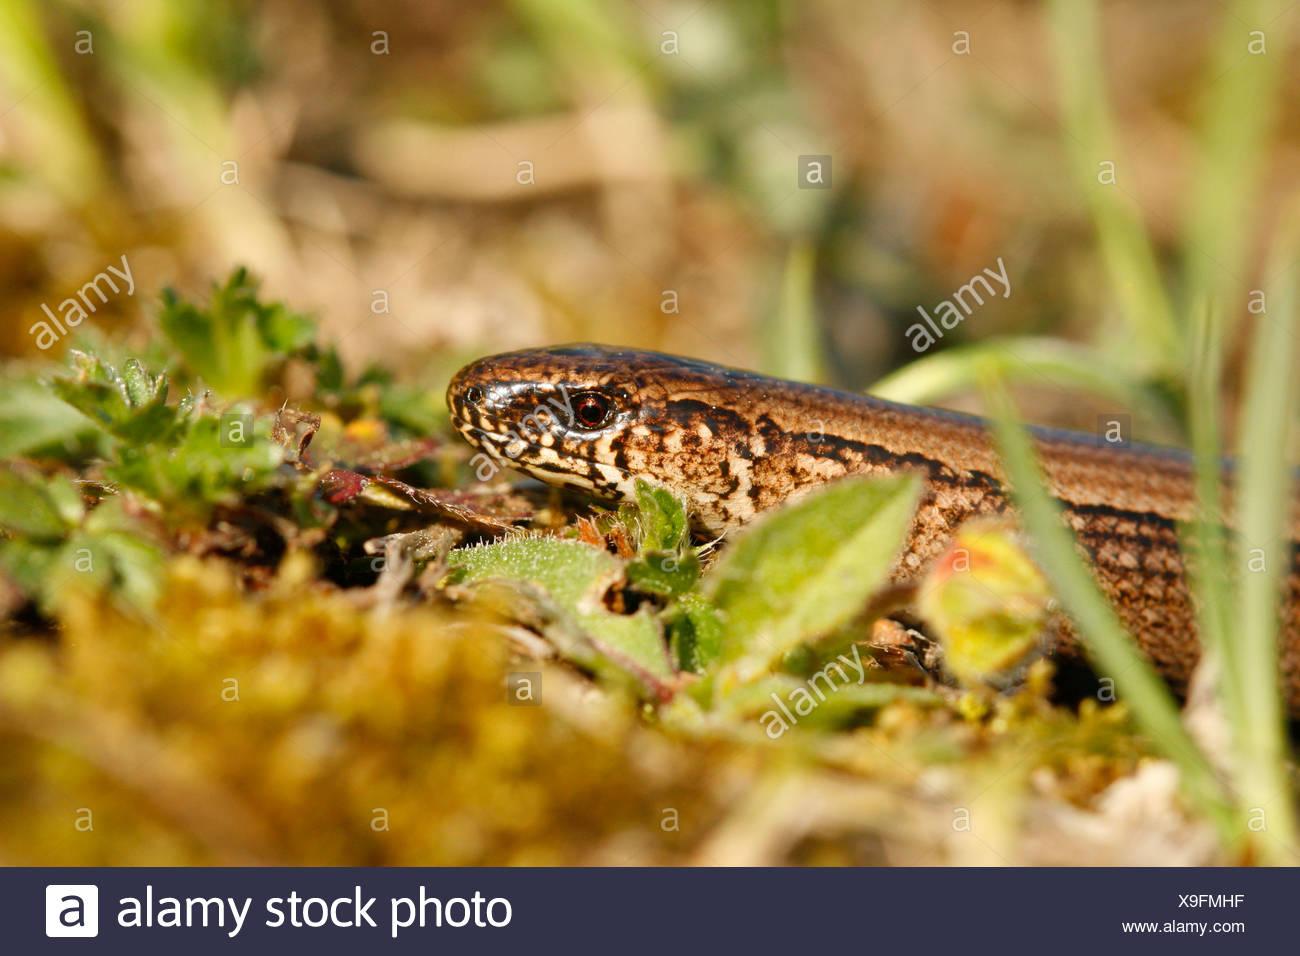 close-up  van de kop van een vrouwtje hazelworm foeragerend in heideterrein; close-up of the head of a female slow worm foraging in heathland Stock Photo